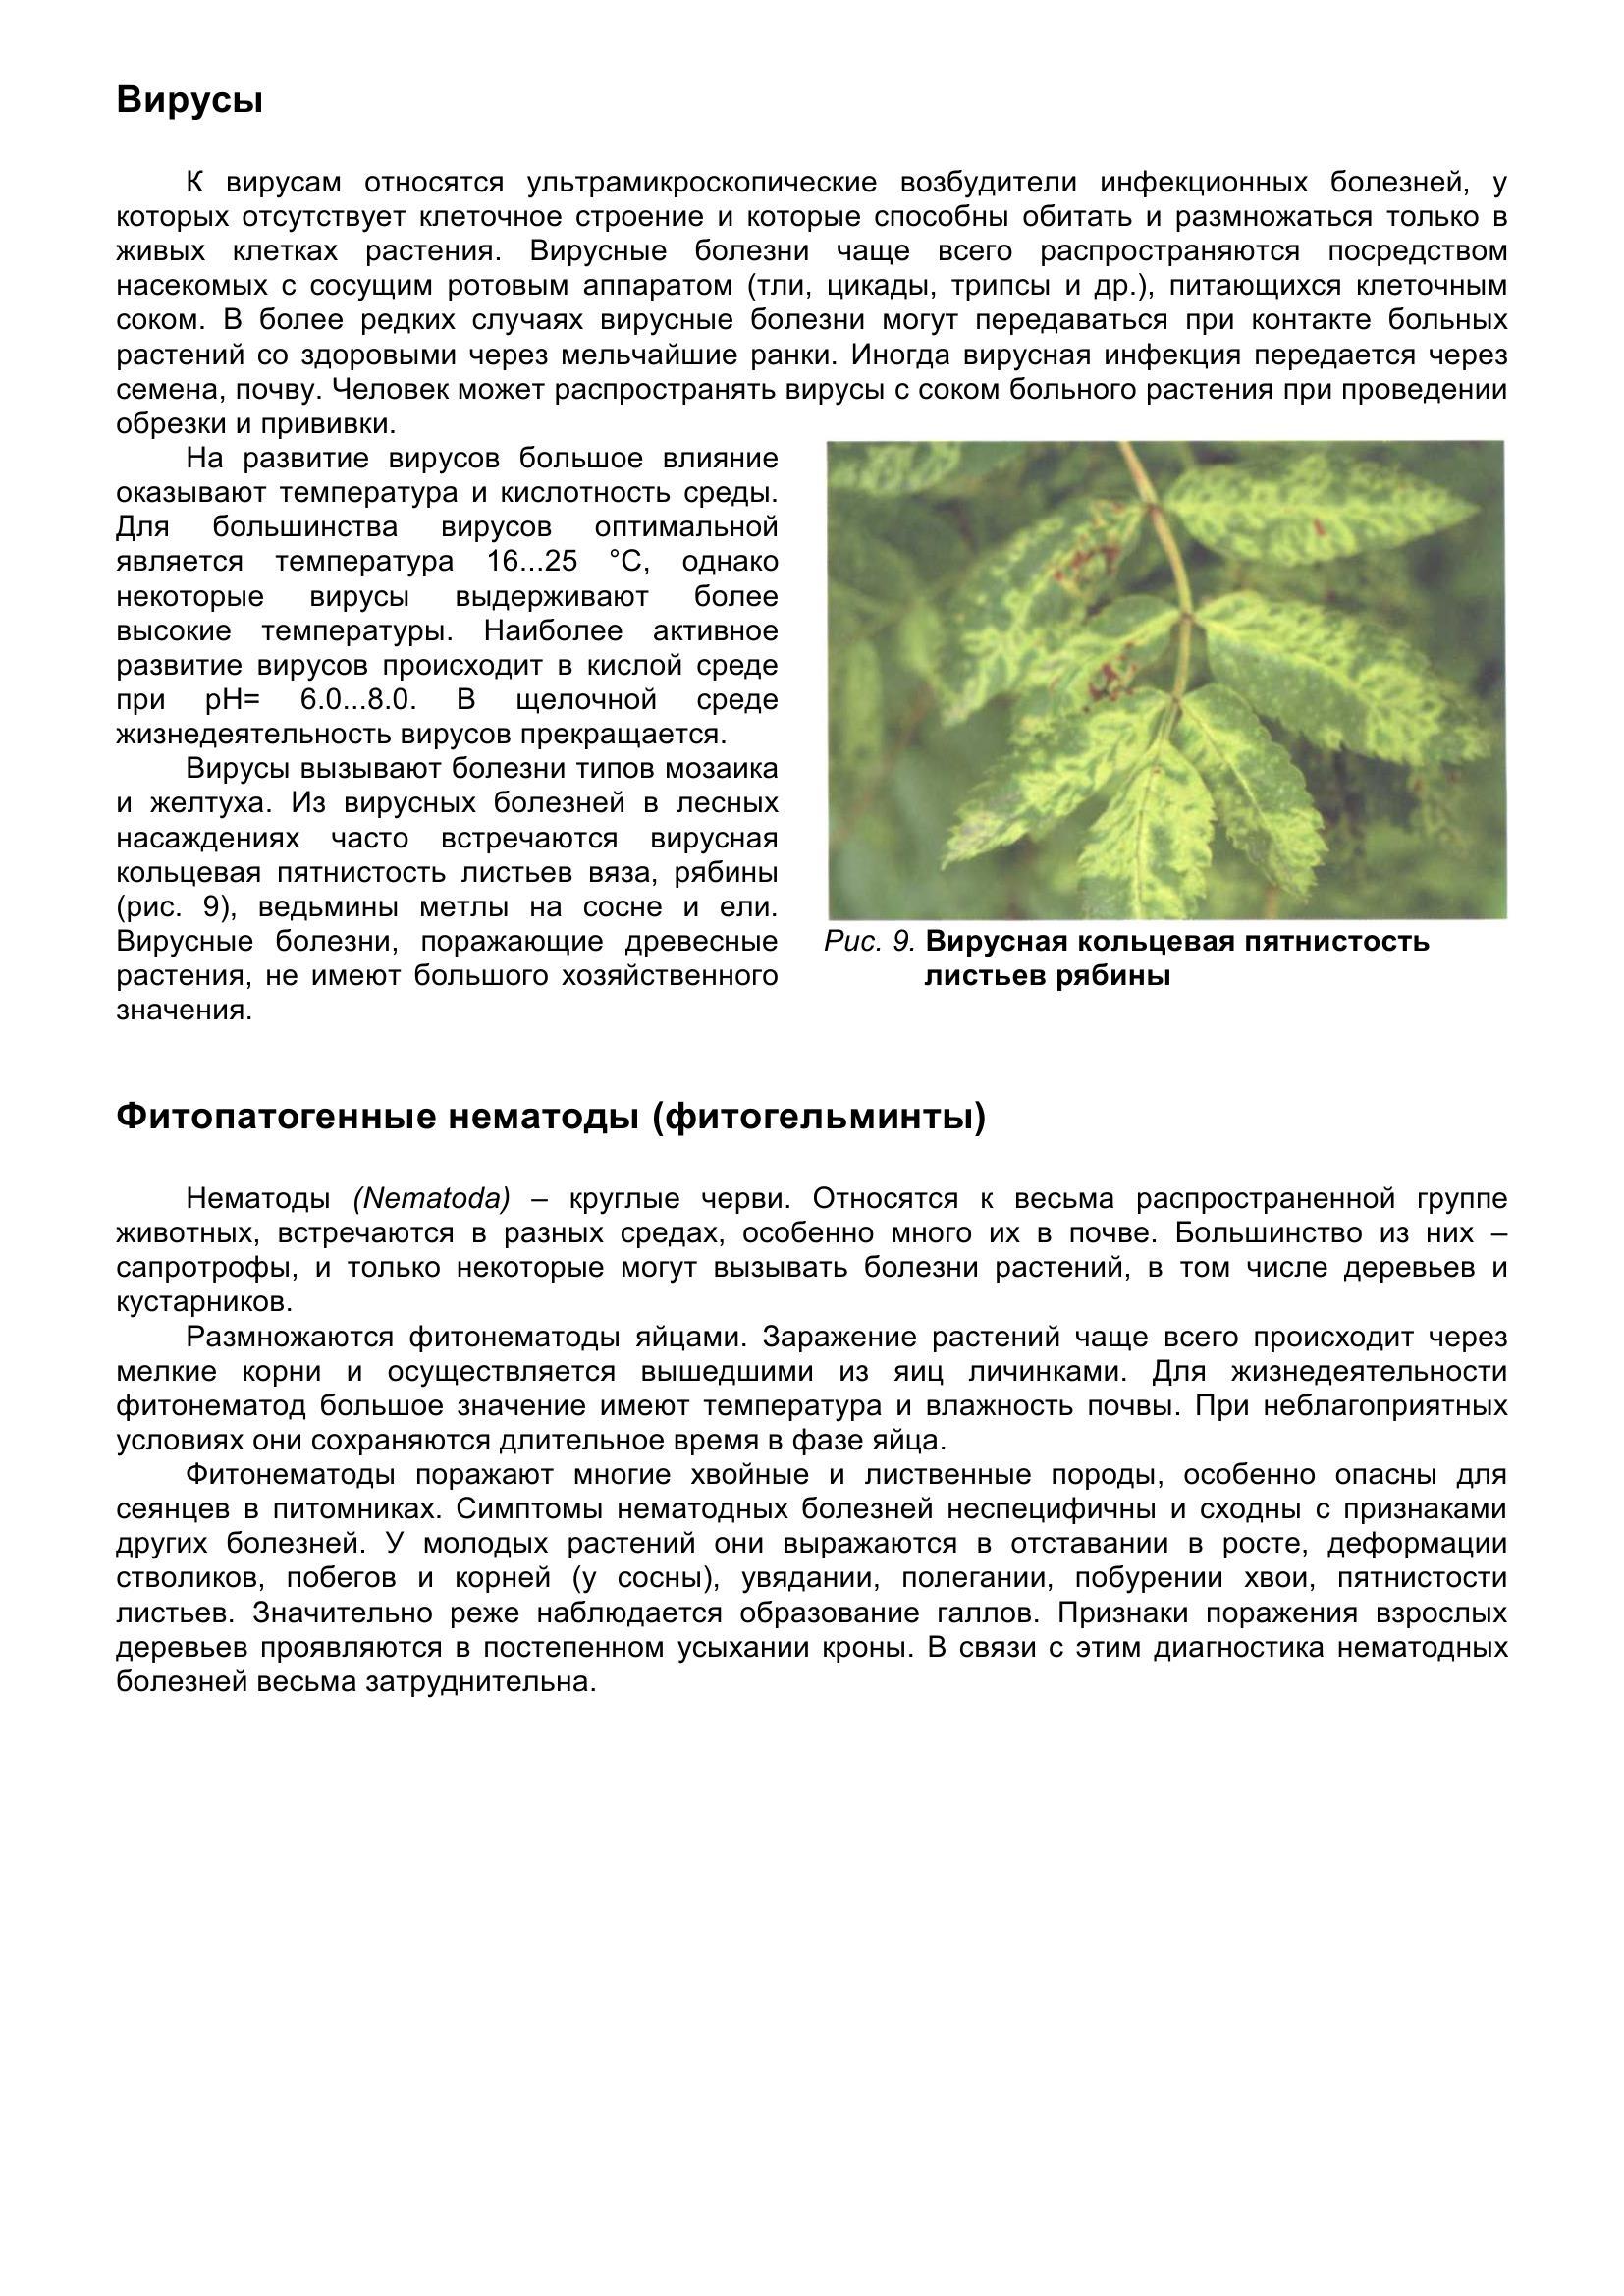 Болезни_древесных_растений_021.jpg